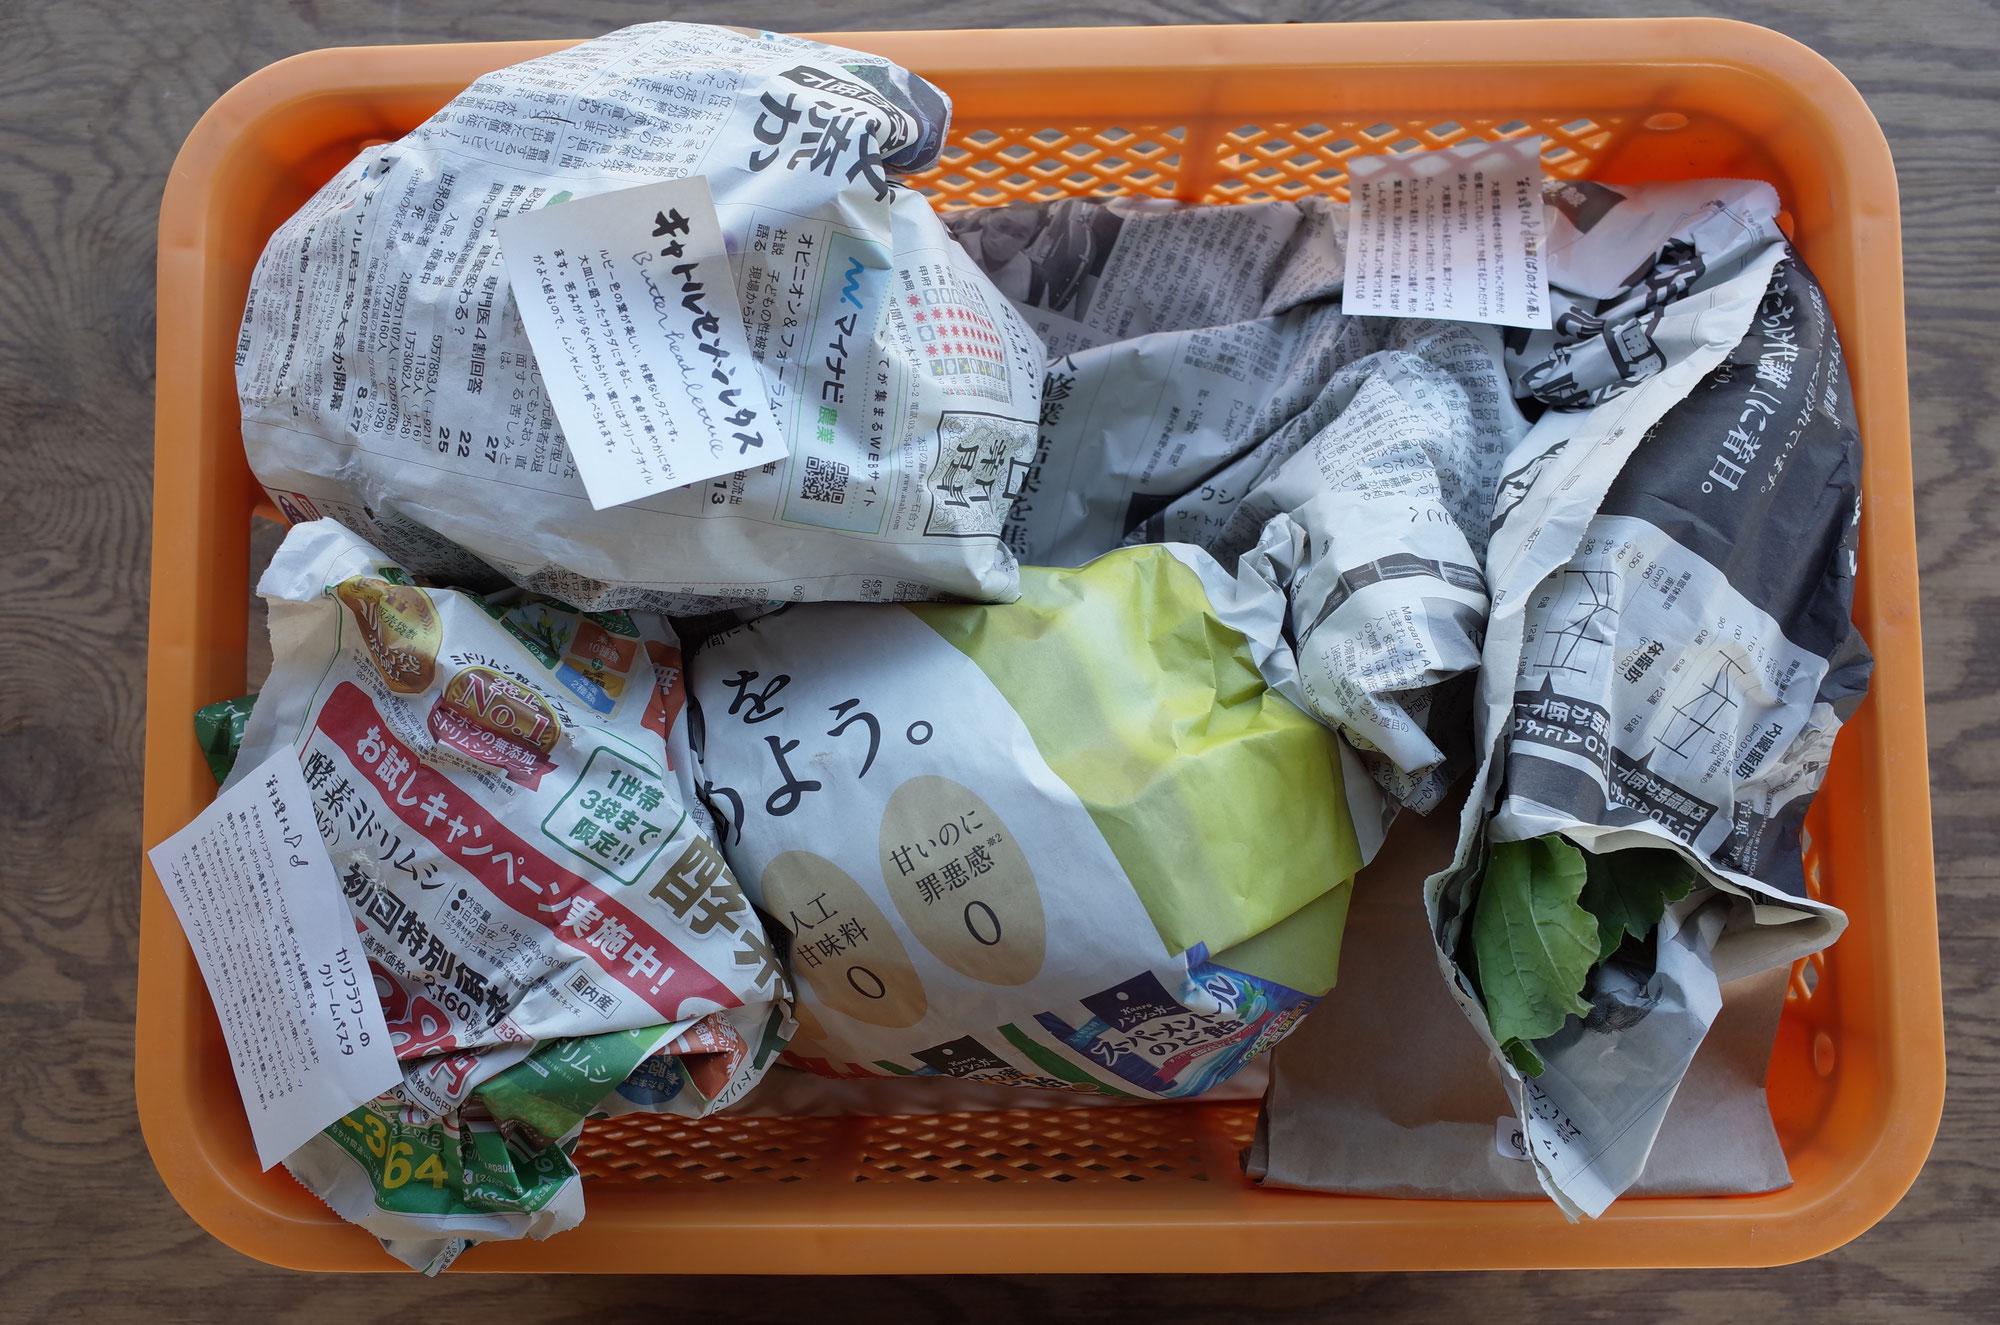 みどりの通信 2020年11月 野良で考える プラスチックごみ問題/菌は働きもの